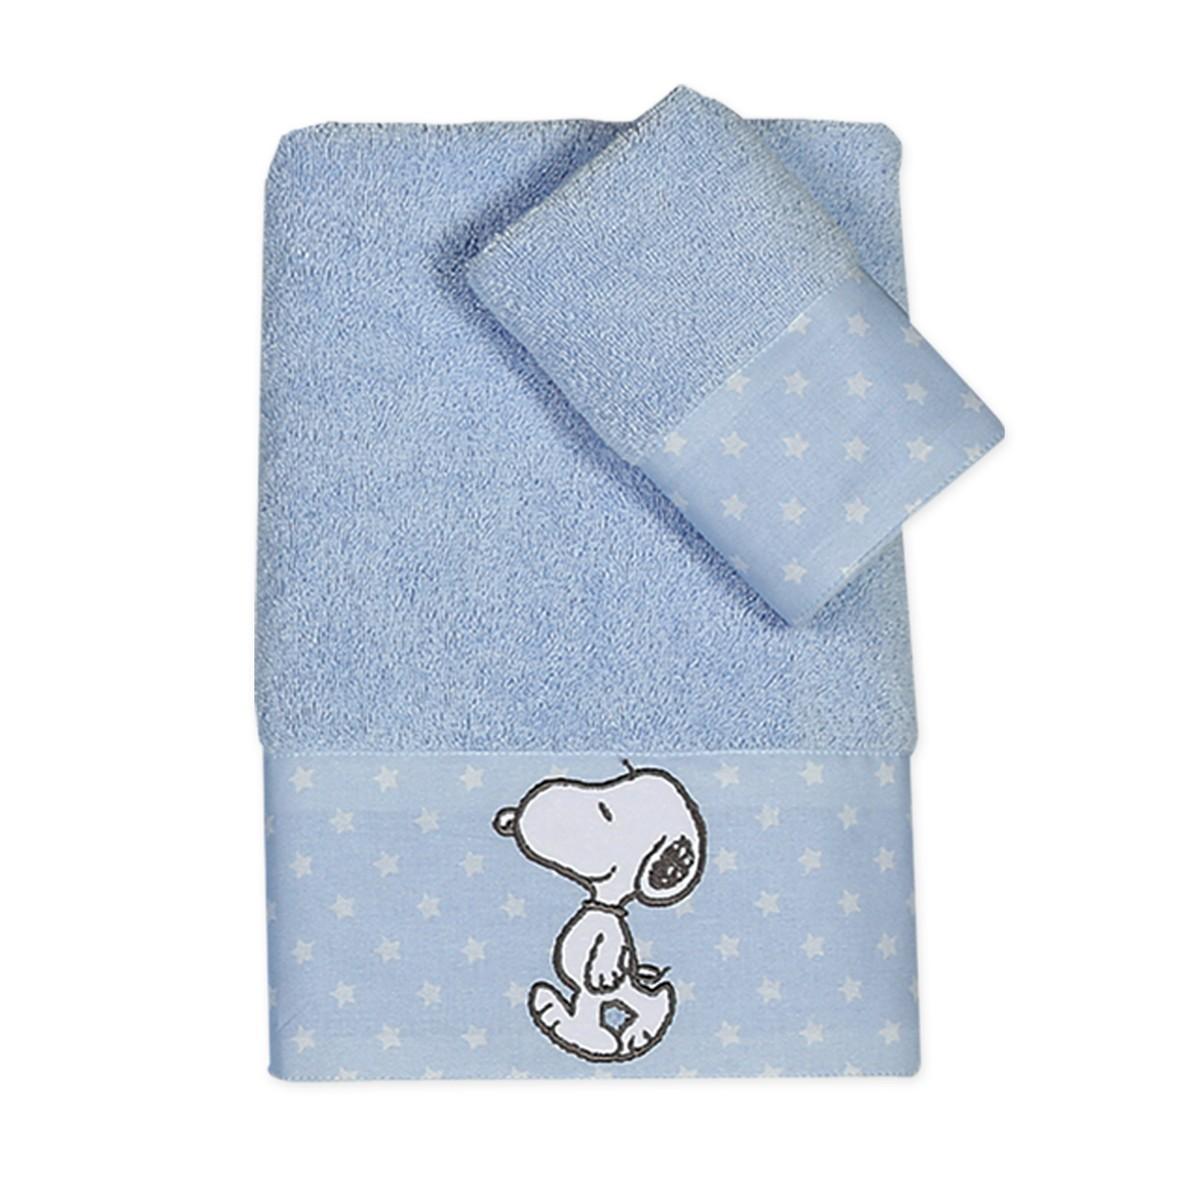 Βρεφικές Πετσέτες (Σετ 2τμχ) Nef-Nef Baby Snoopy Patch